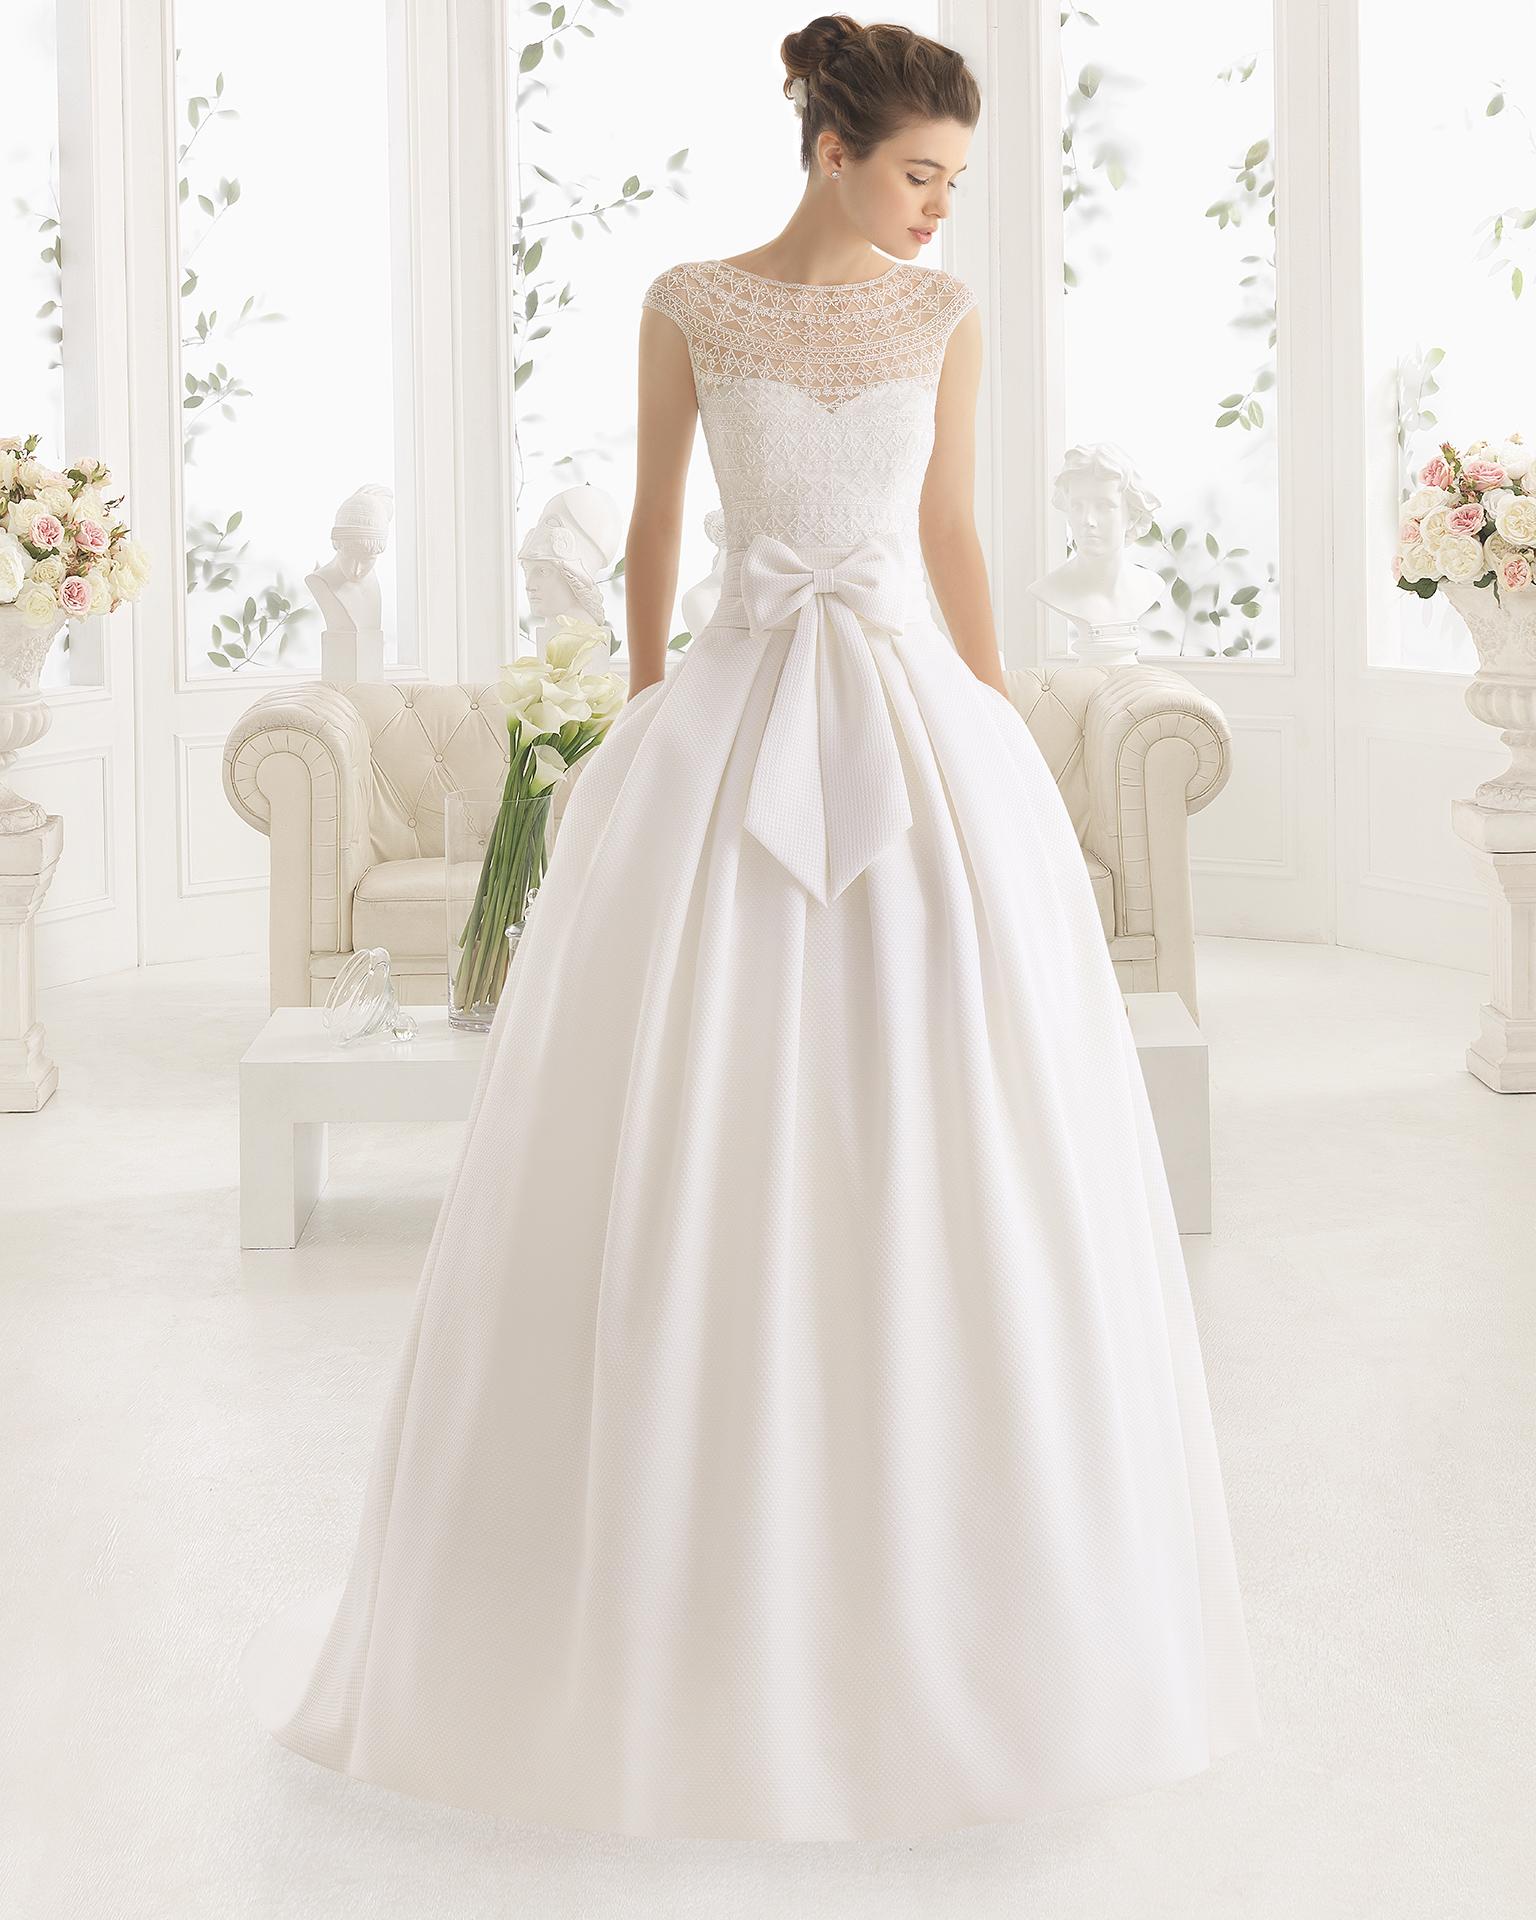 MIEL robe de mariée Aire Barcelona 2017